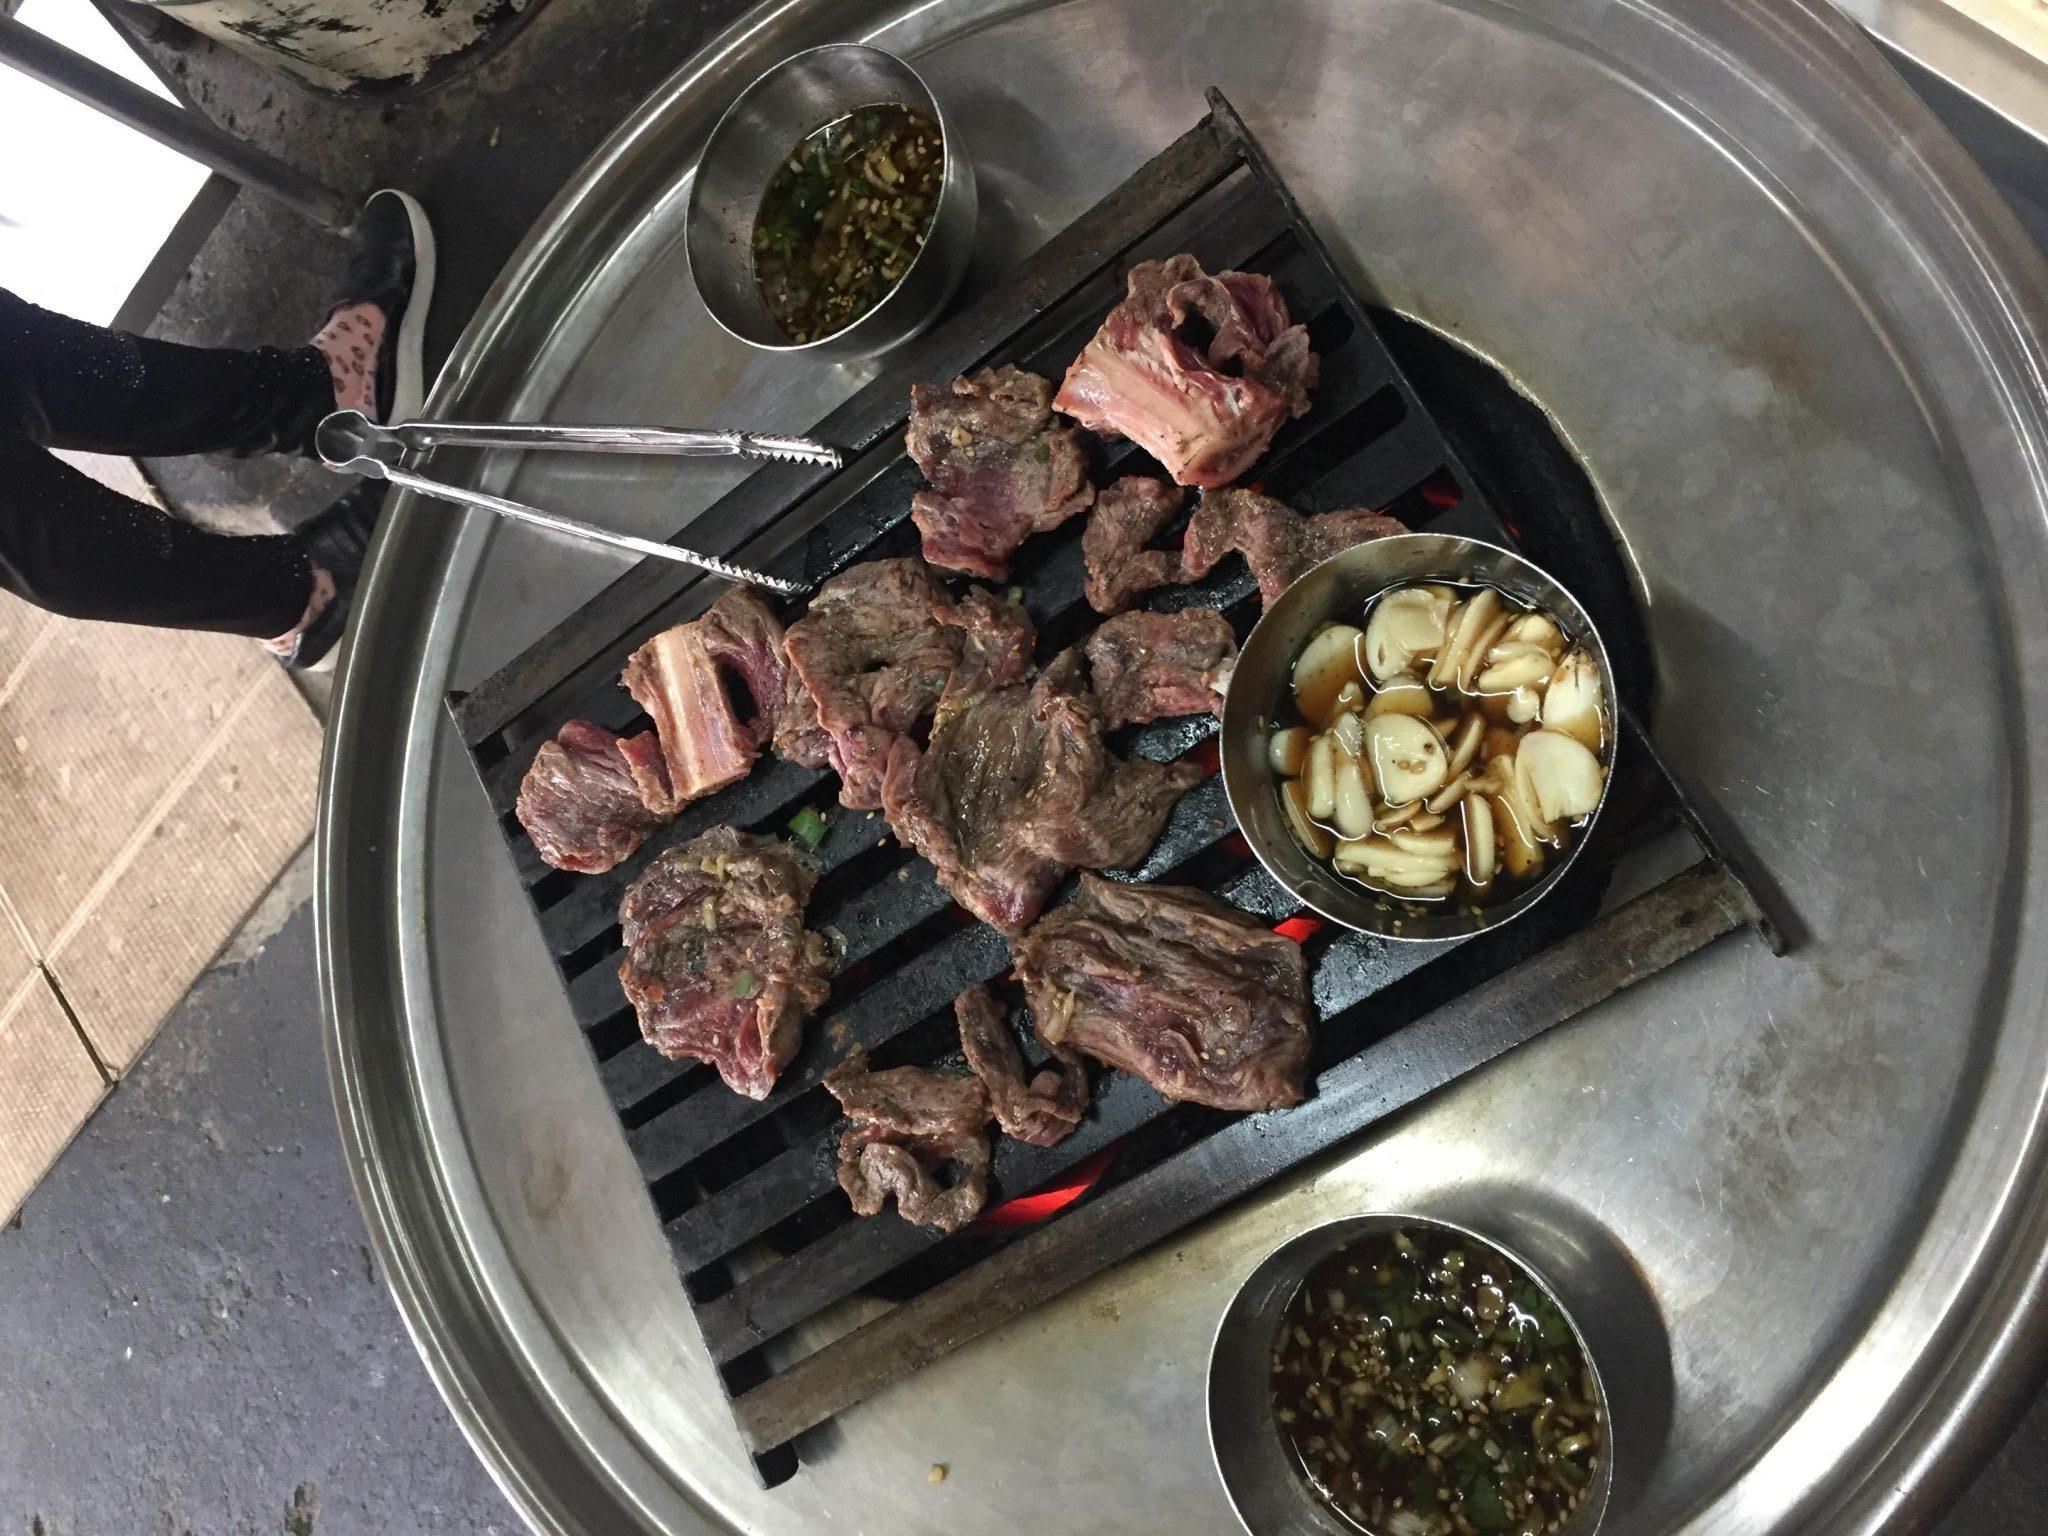 【韓国・新村】美味しい♪立ち食いカルビ(ソソカルビ)のお店、延南ソ食堂に行ってきました^^